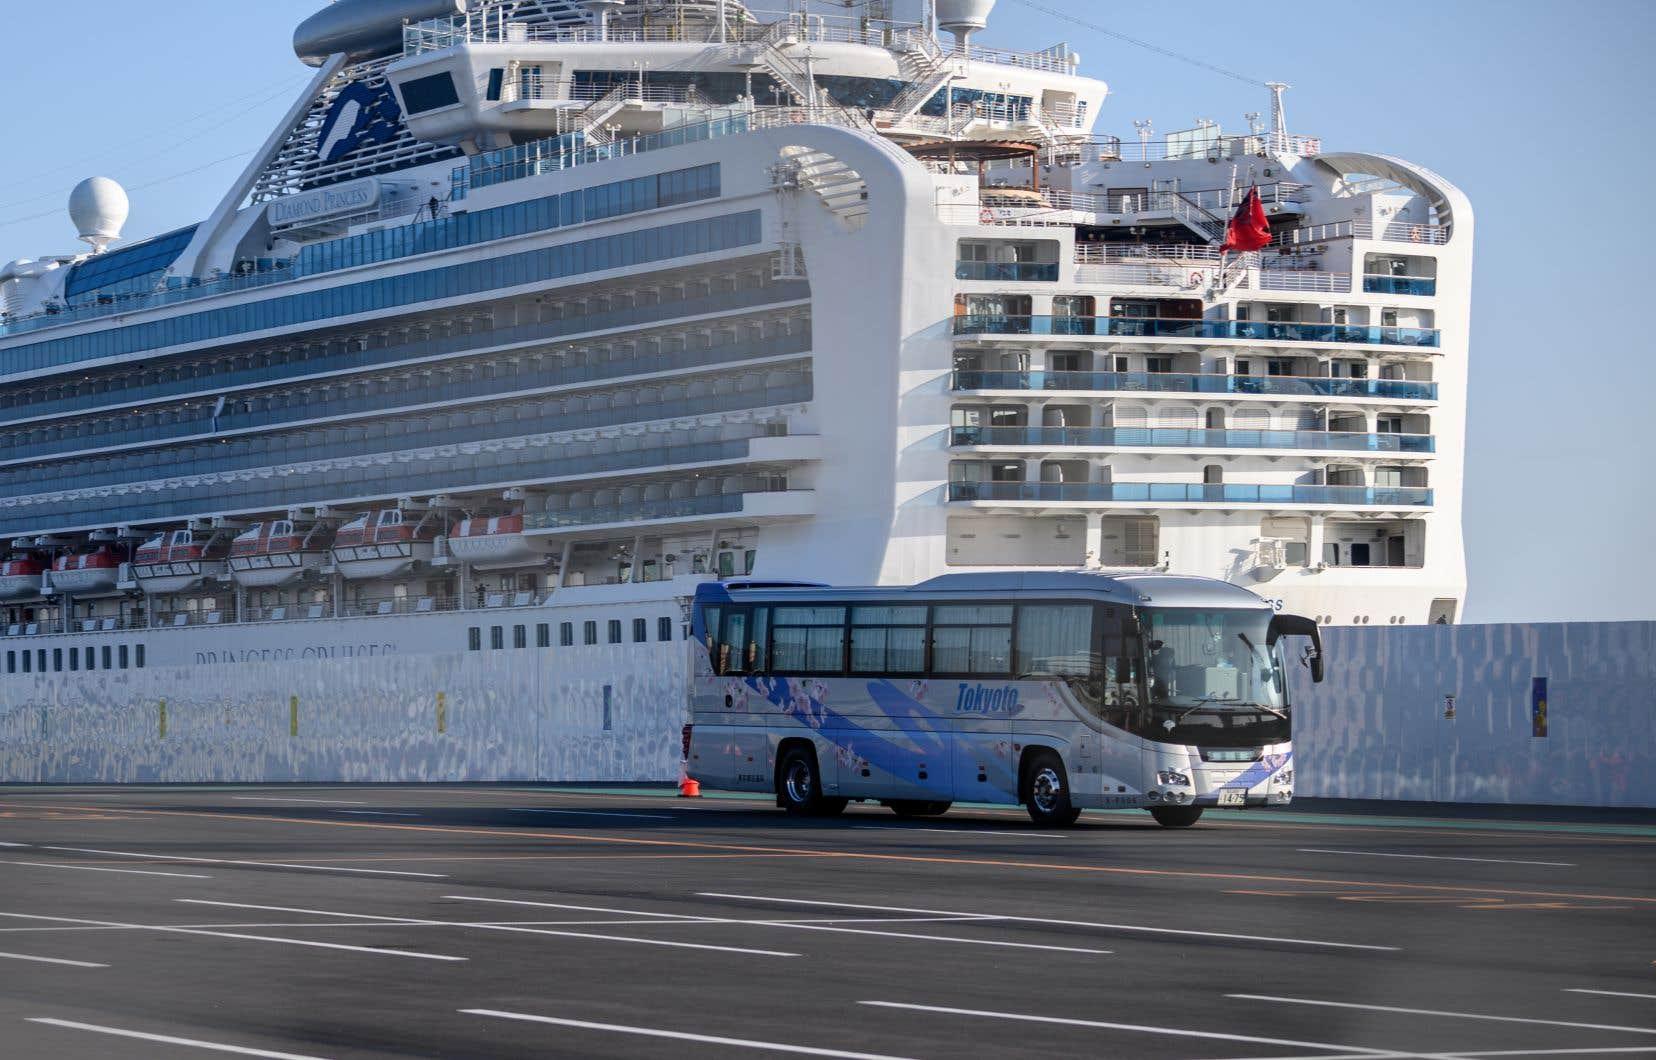 Le bateau de croisière «Diamond Princess» est devenu le plus grand foyer de contamination au nouveau coronavirus à l'extérieur de la Chine.